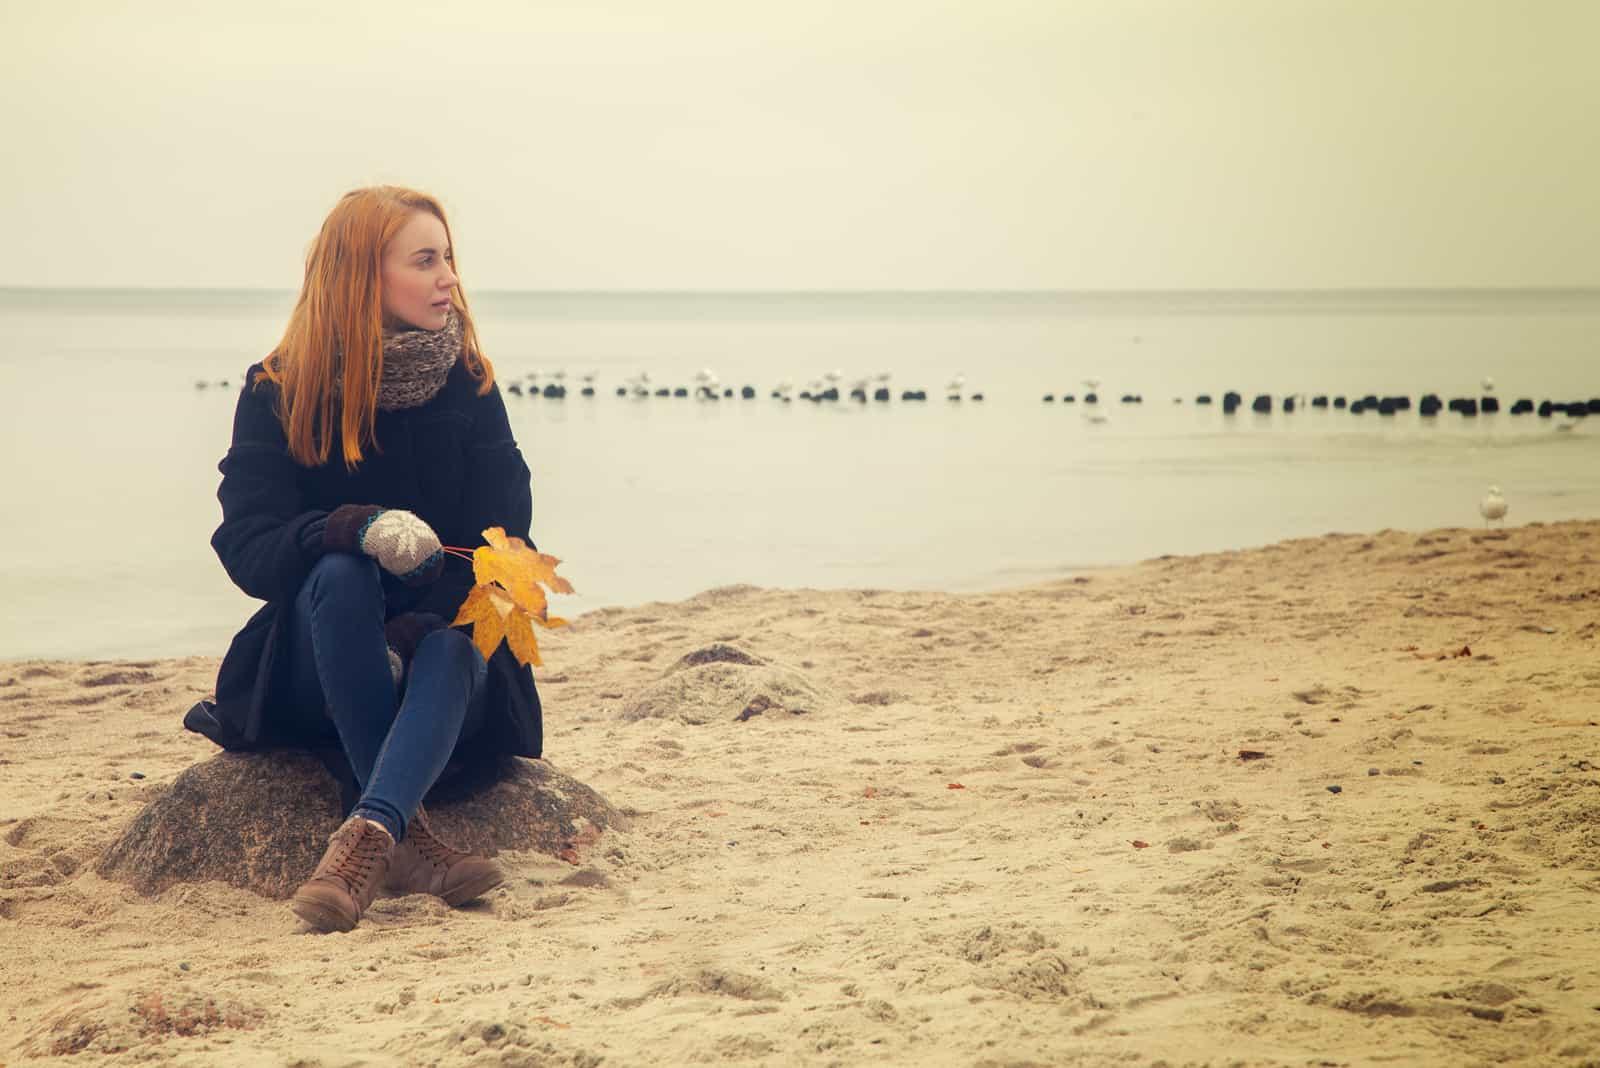 traurige nachdenkliche Frau am herbstlichen Meeresstrand sitzend